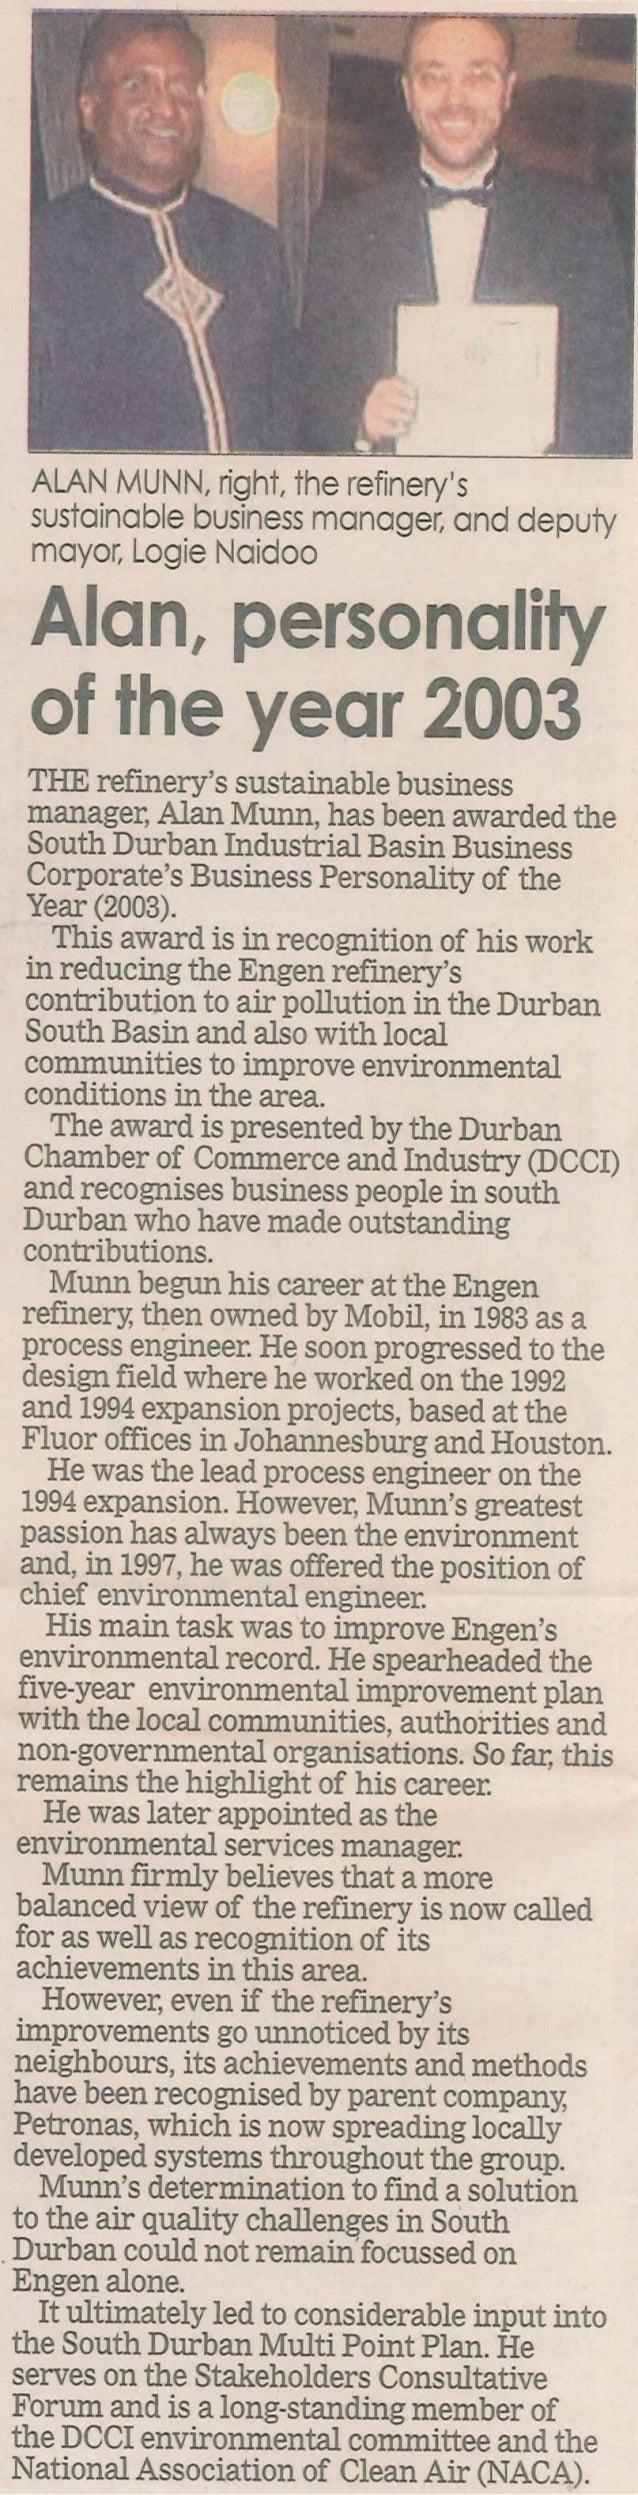 ALan Munn DCCI Award